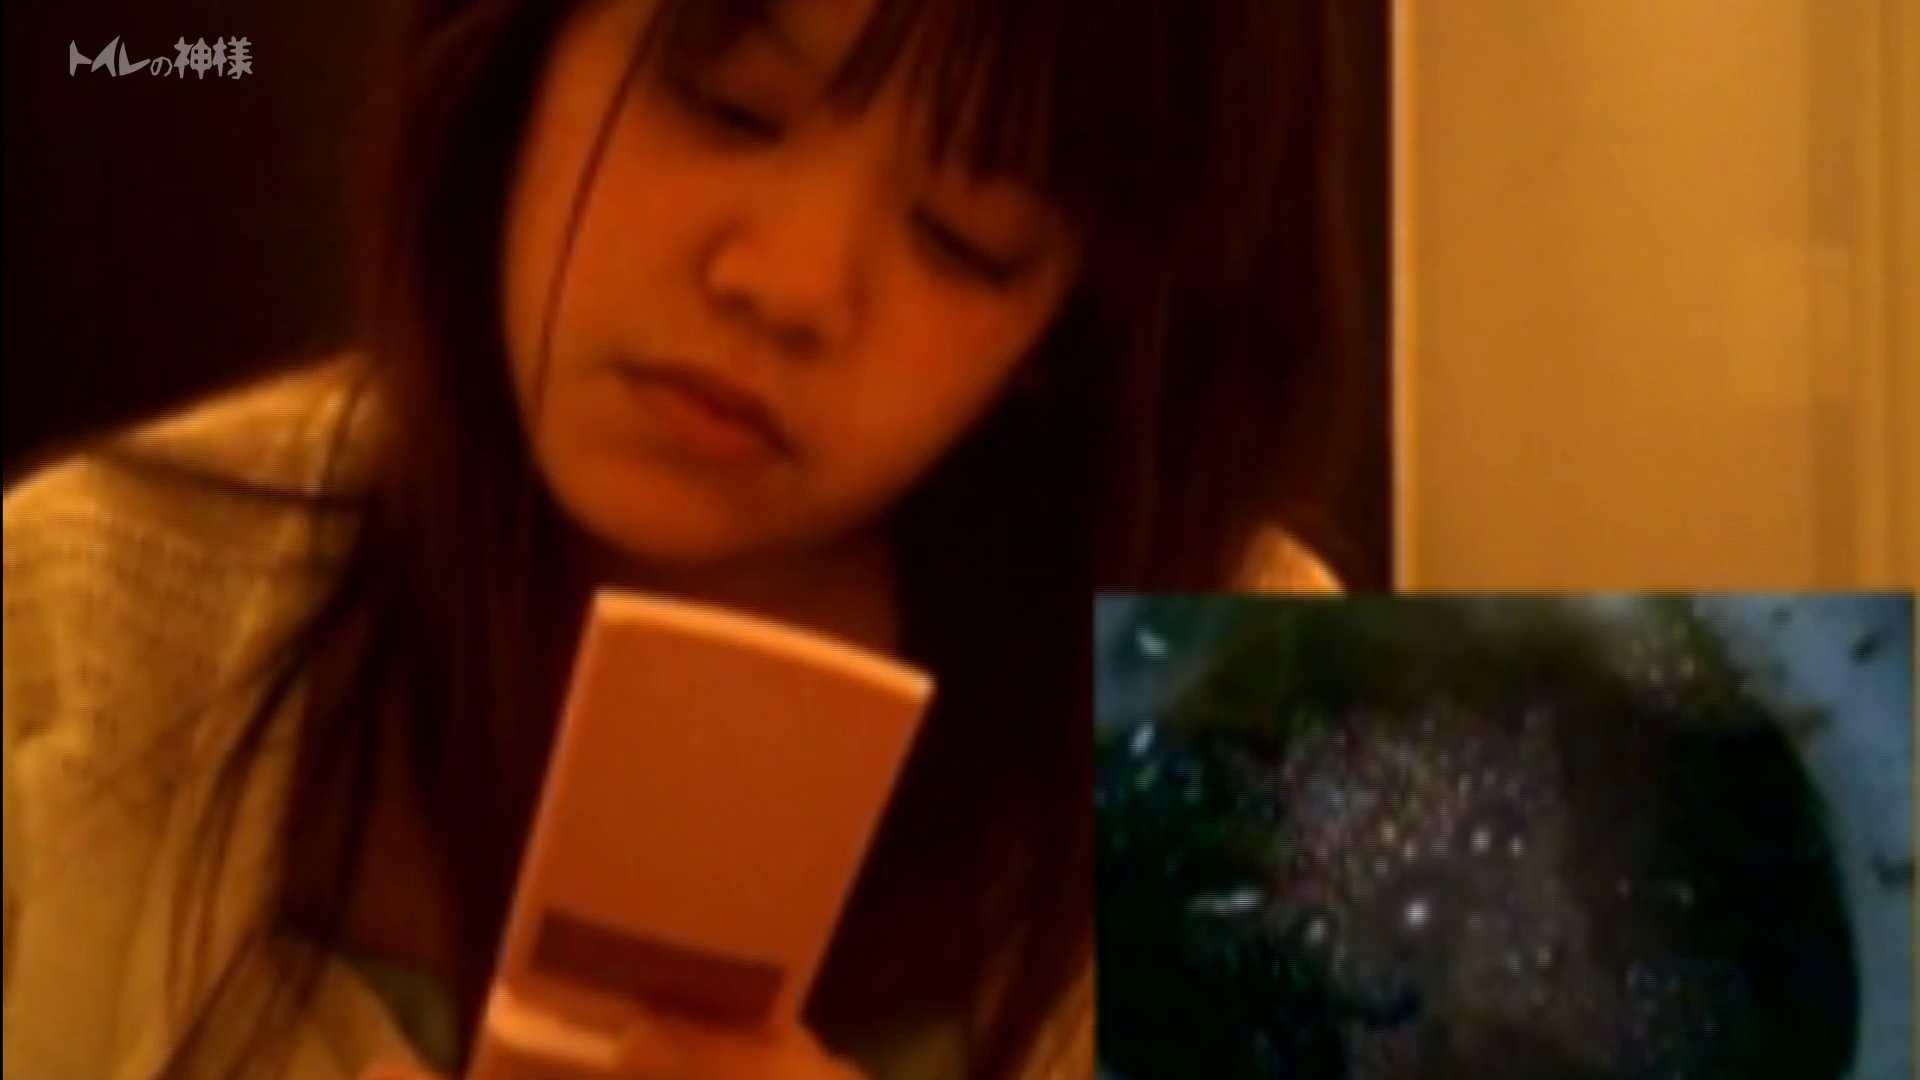 トイレの神様 Vol.03 彼女のうんち隠し撮り OLのボディ | トイレの実態  81PIX 53